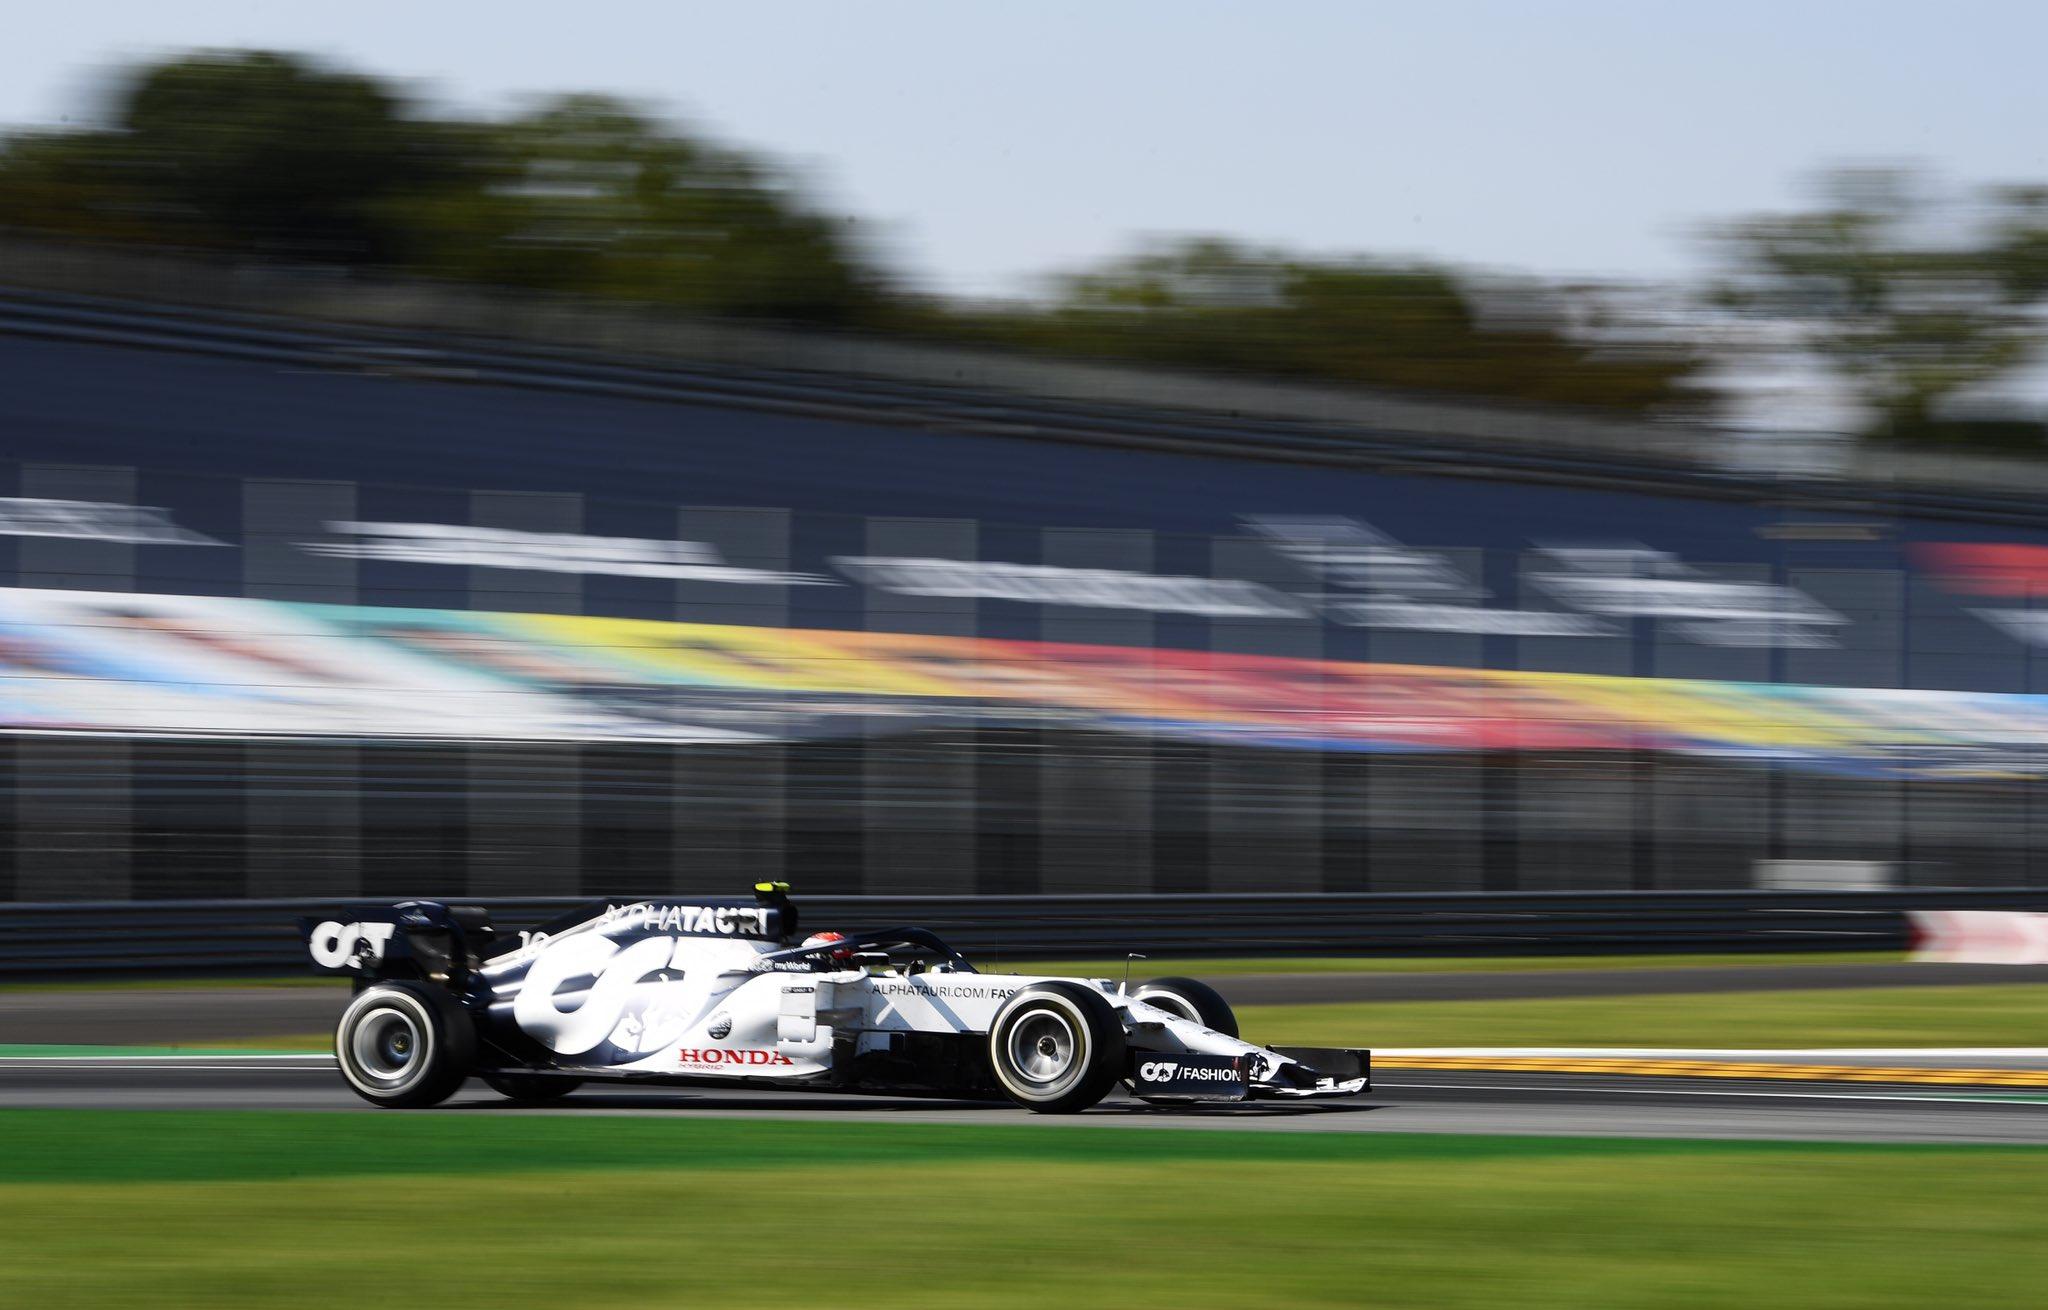 Пьер Гасли выиграл сумасшедший Гран-при Италии 2020 года! Квят – 9-й